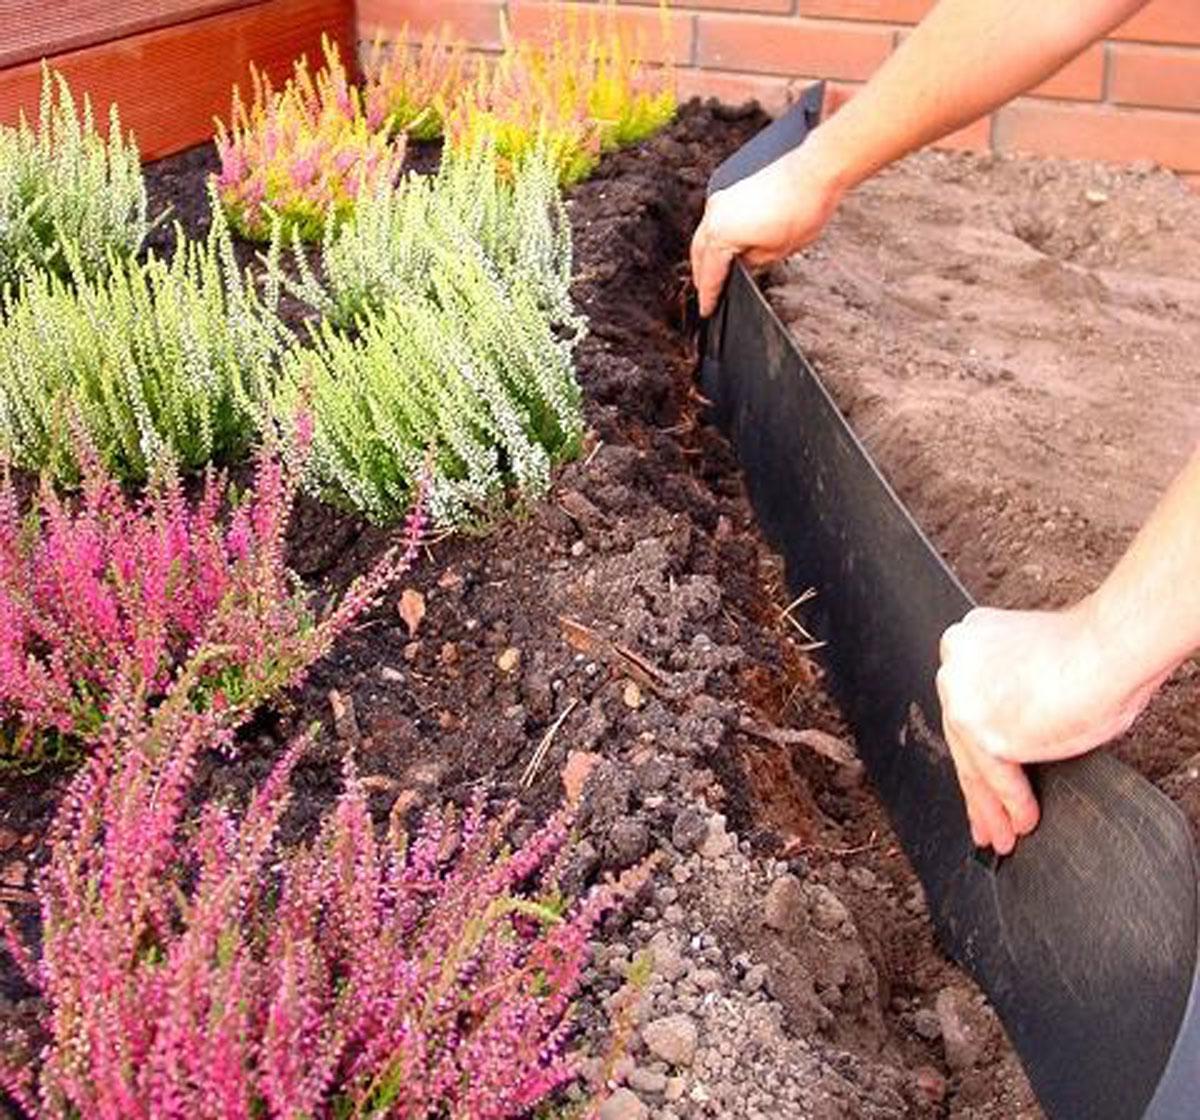 genialnie prosty montaż: wykopać rowek - ułożyć - zakopać